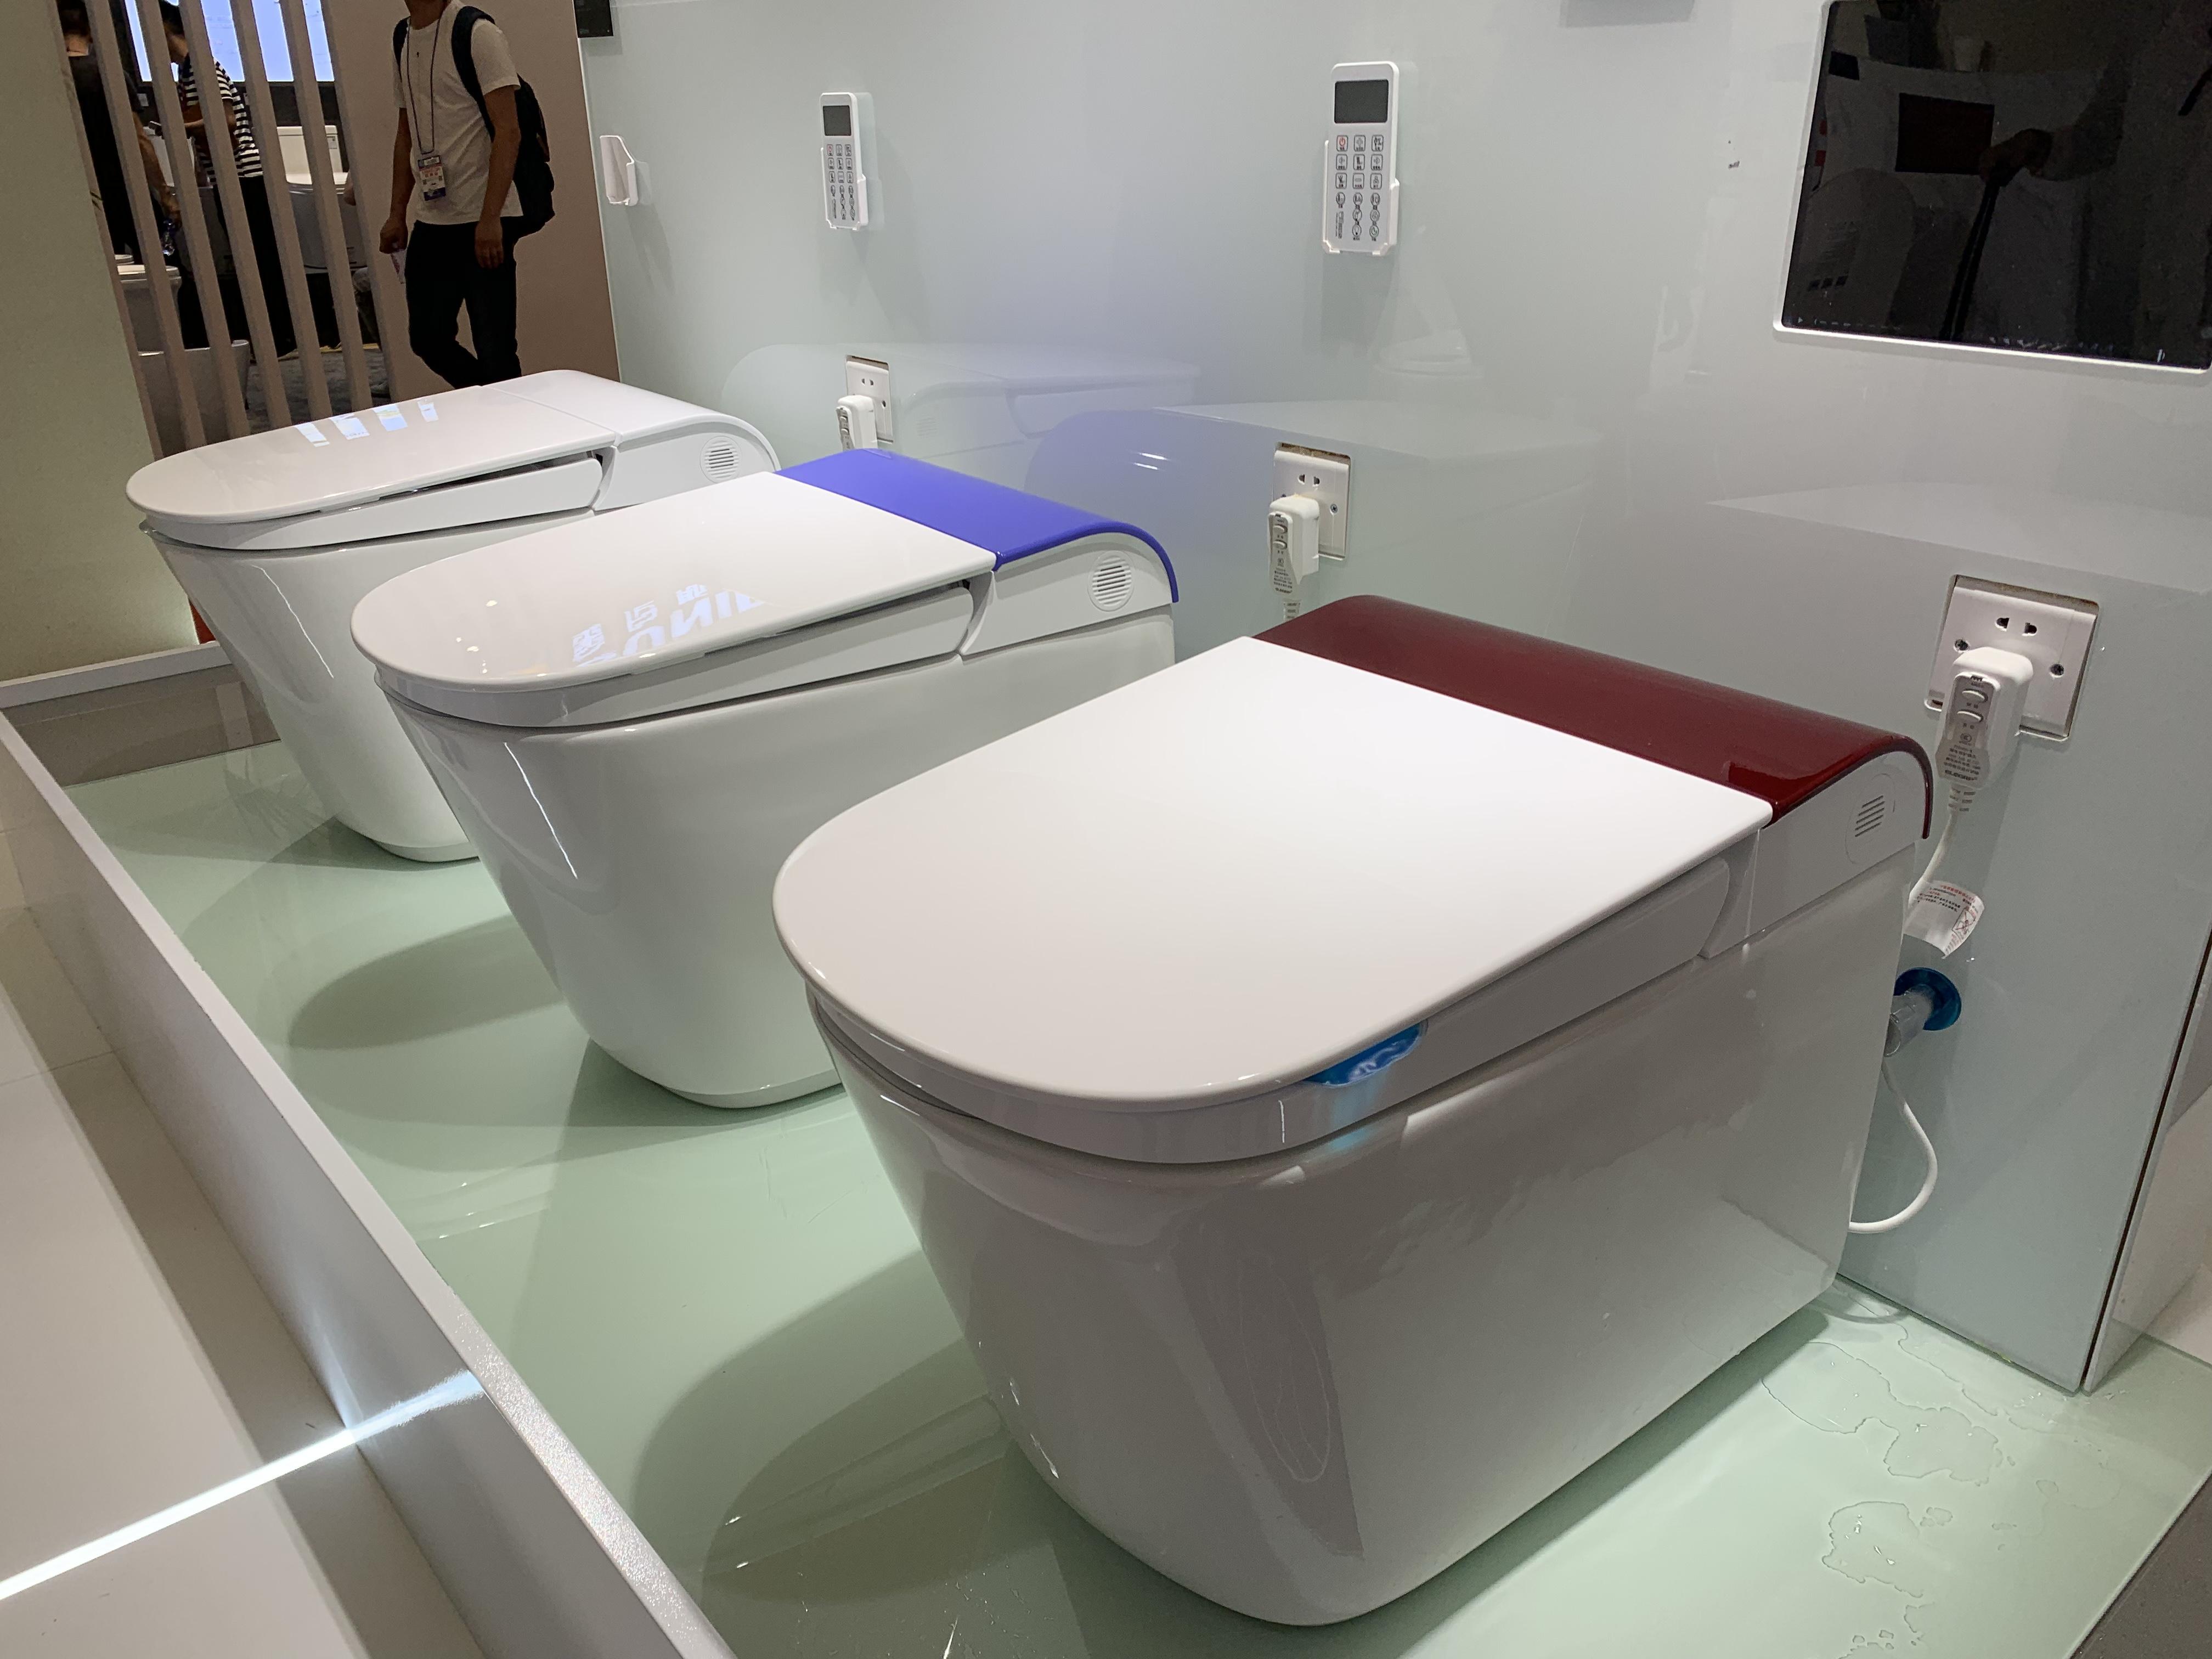 欧路莎今年推出的新品智能马桶IT-912,最大的亮点是断电还可以冲洗,并且色彩多样化,可以定制 ,整体造型设计感强,简洁,符合中国人圆中带方,方中带圆的圆弧型设计,盖板也是超薄设计,坐圈根据人体工程学原理,有内陷设计,即使久坐腿也不会发麻。